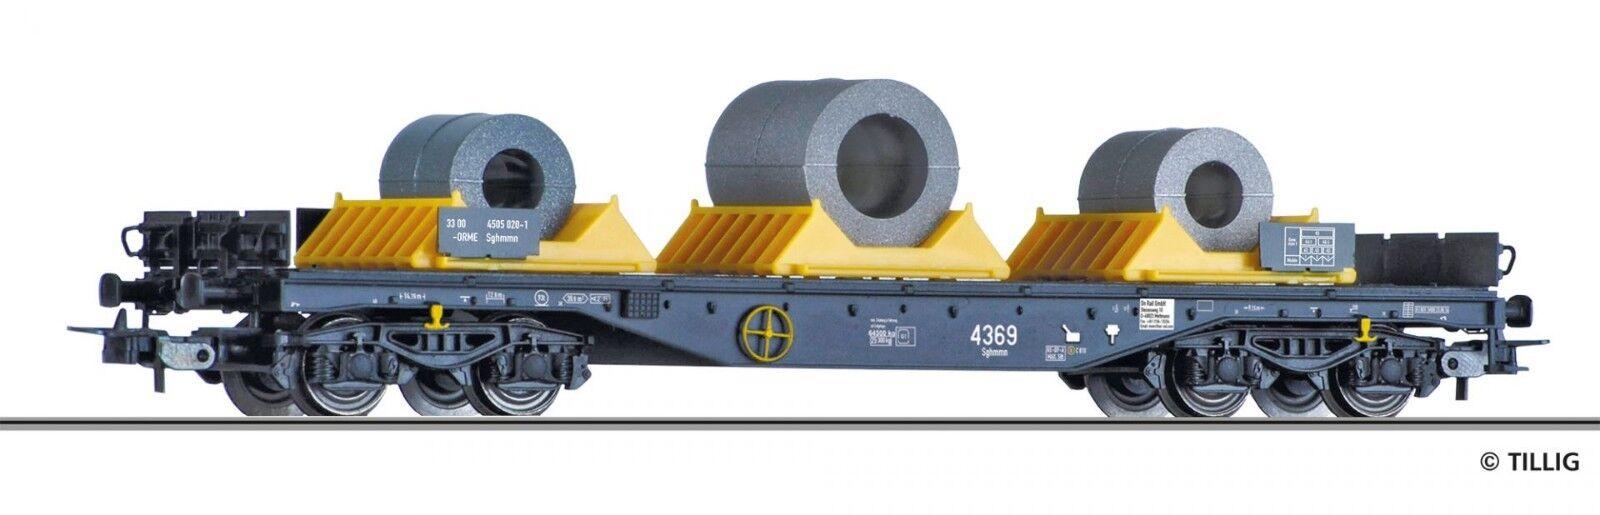 Nuevo-Tillig 76753 coches plana 4505 sgmmns la on rail GmbH, PE vi. h0, embalaje original